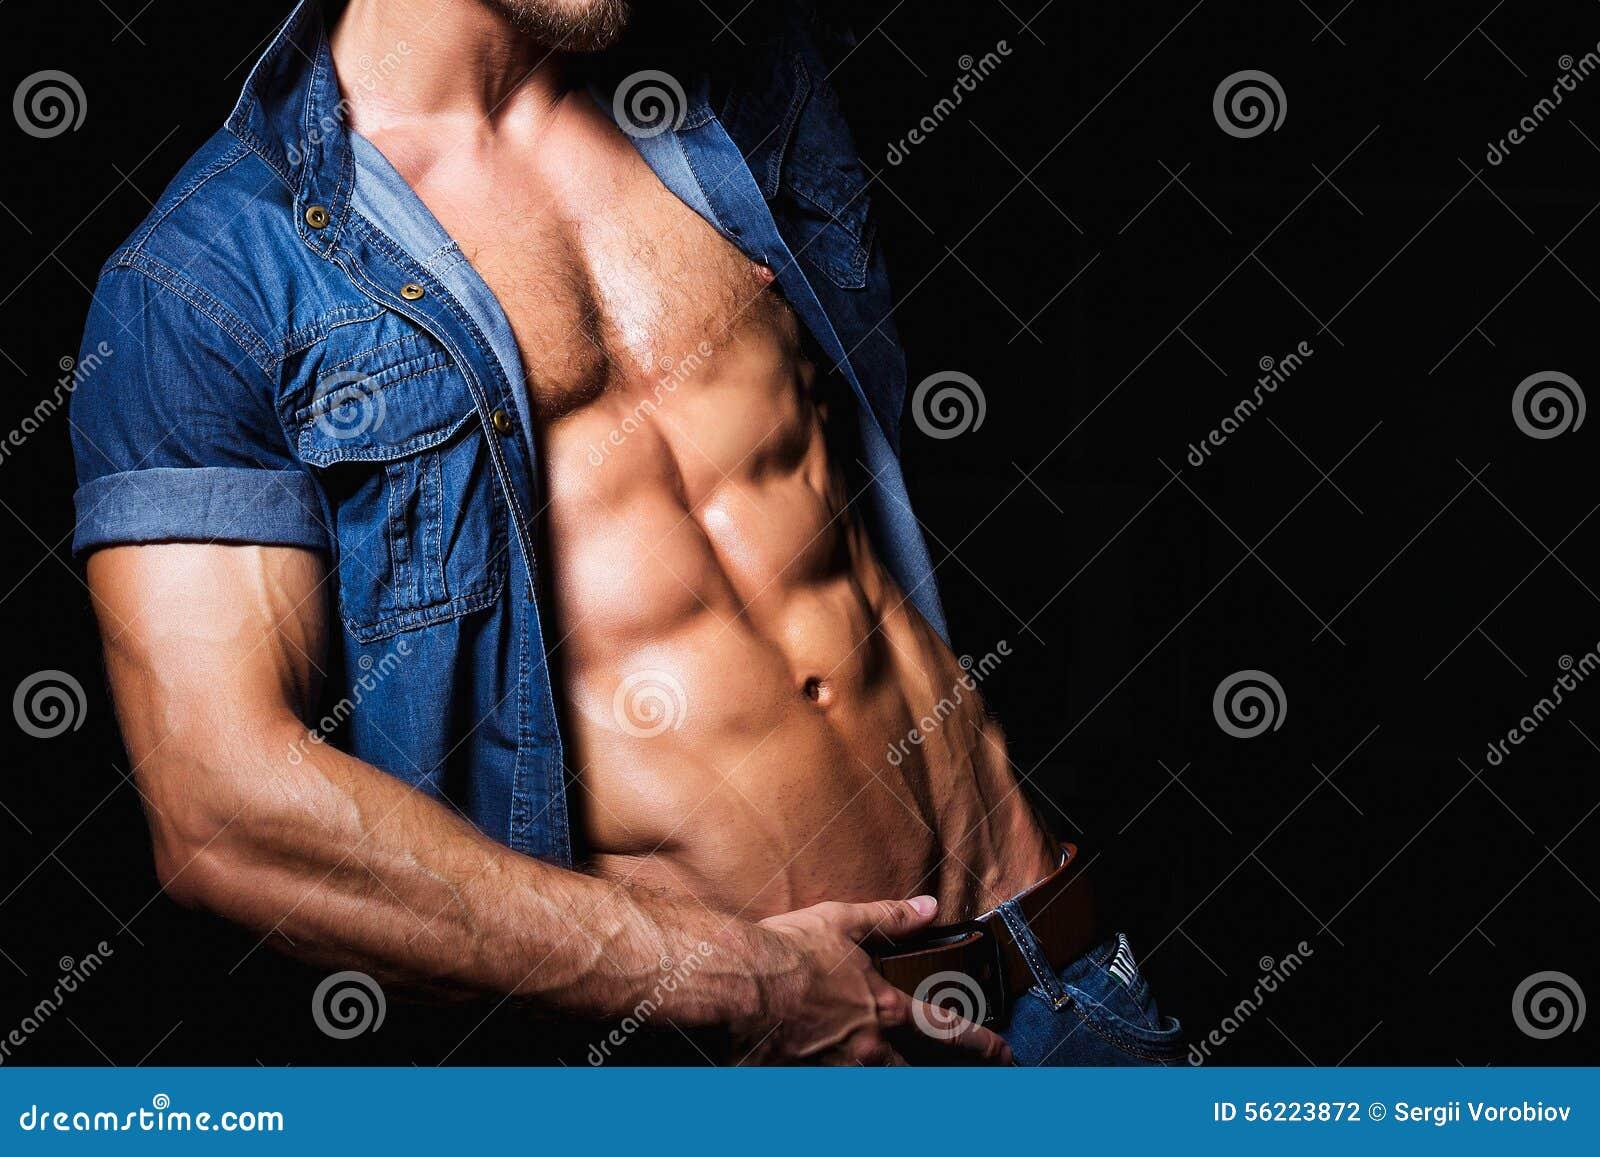 Avec La Homme Dans Et Jeans Sexy Chemise De Photo Jeune Musculaire fzwRqwP